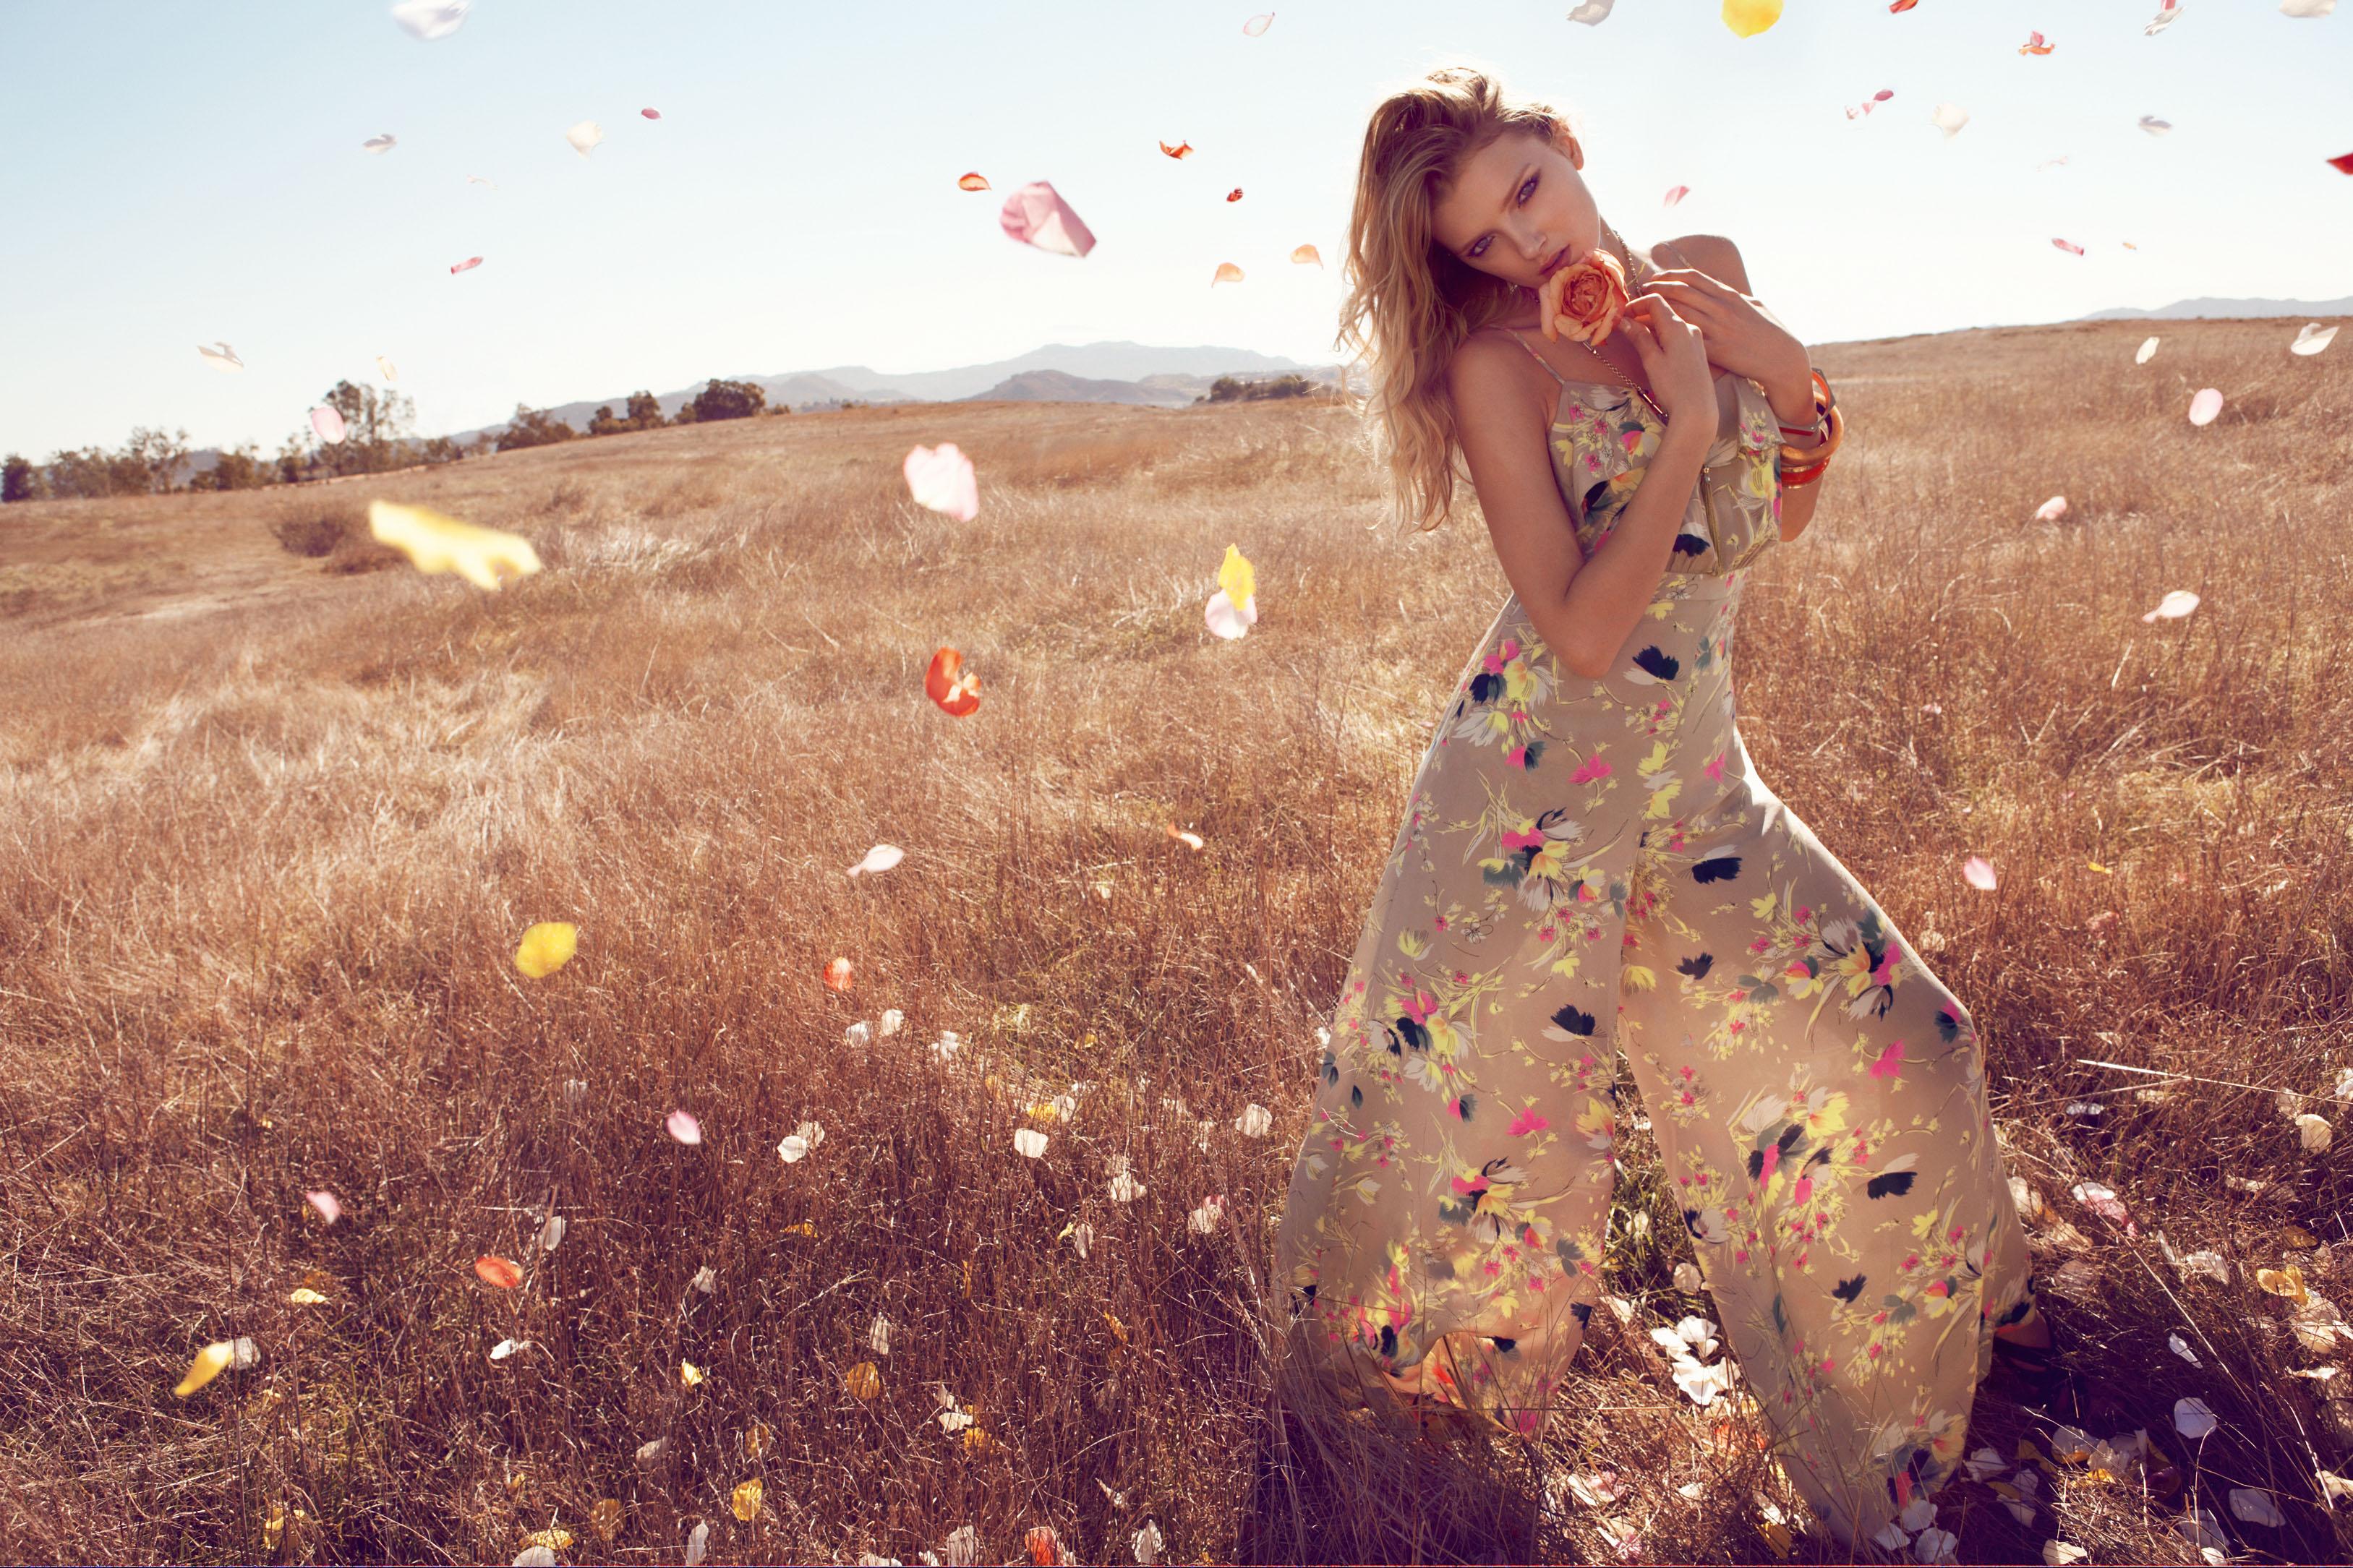 Фото девушки в платье на природе 7 фотография